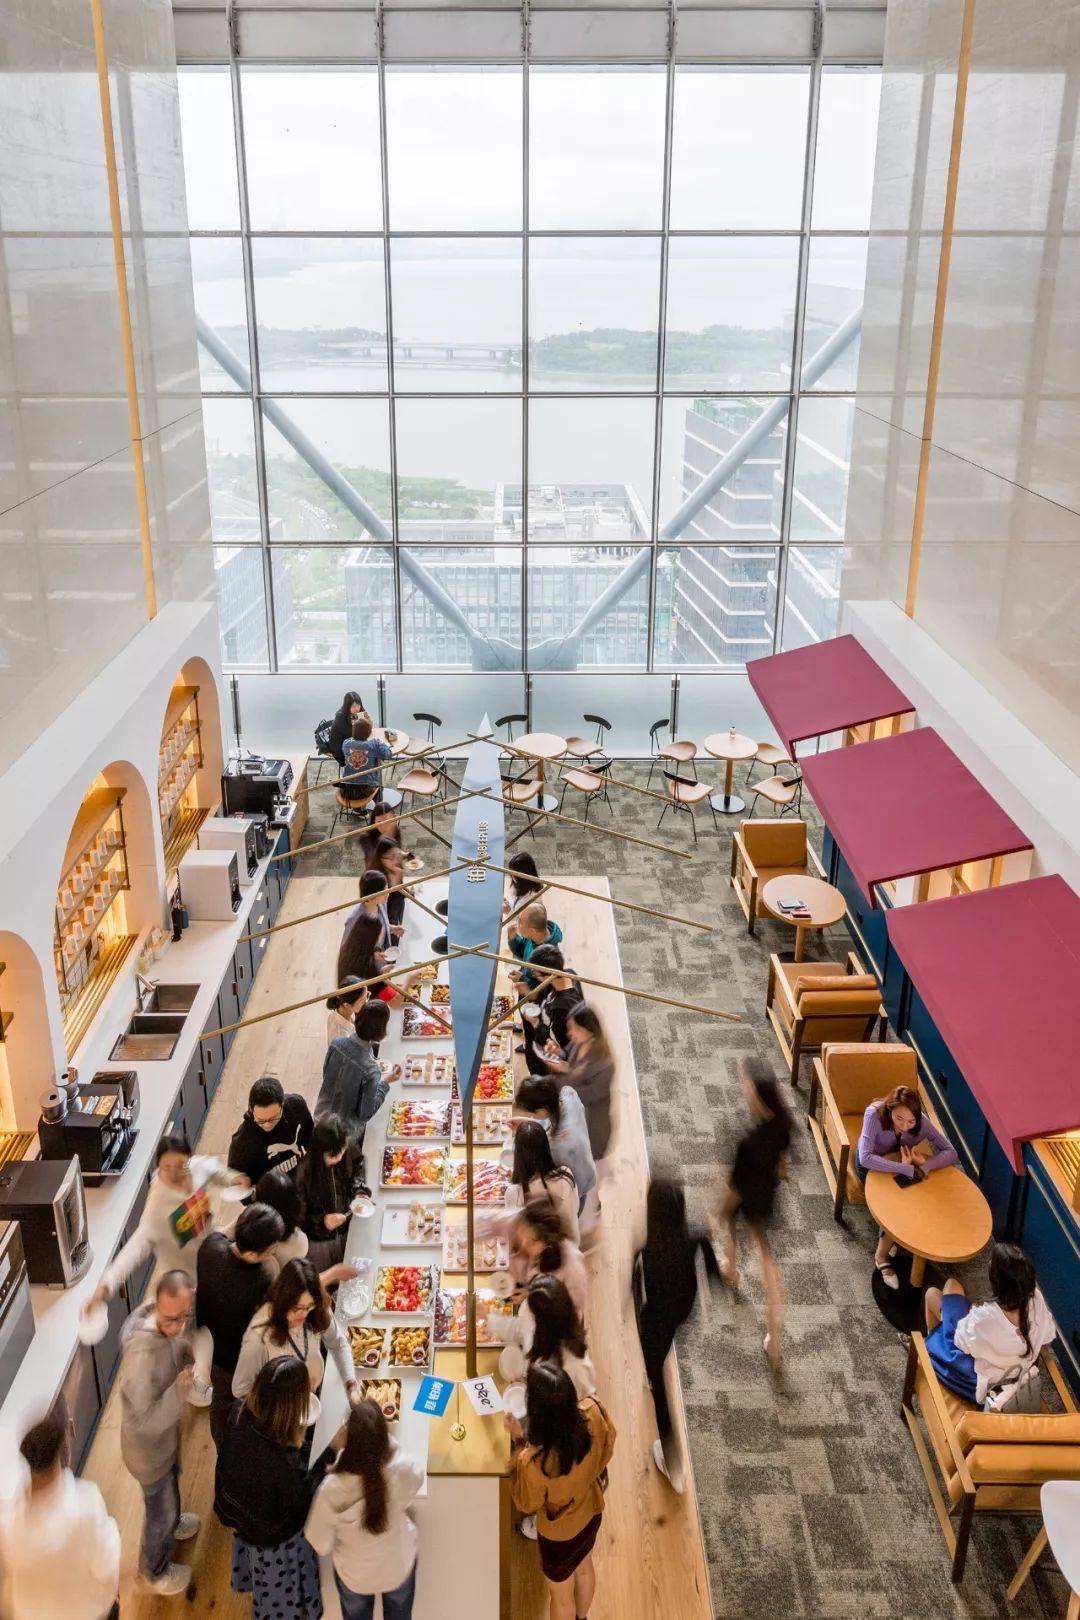 深圳招聘 | 珠海市蜜蜂科技有限公司Bee+:設計總監、空間設計師、物料軟裝設計師